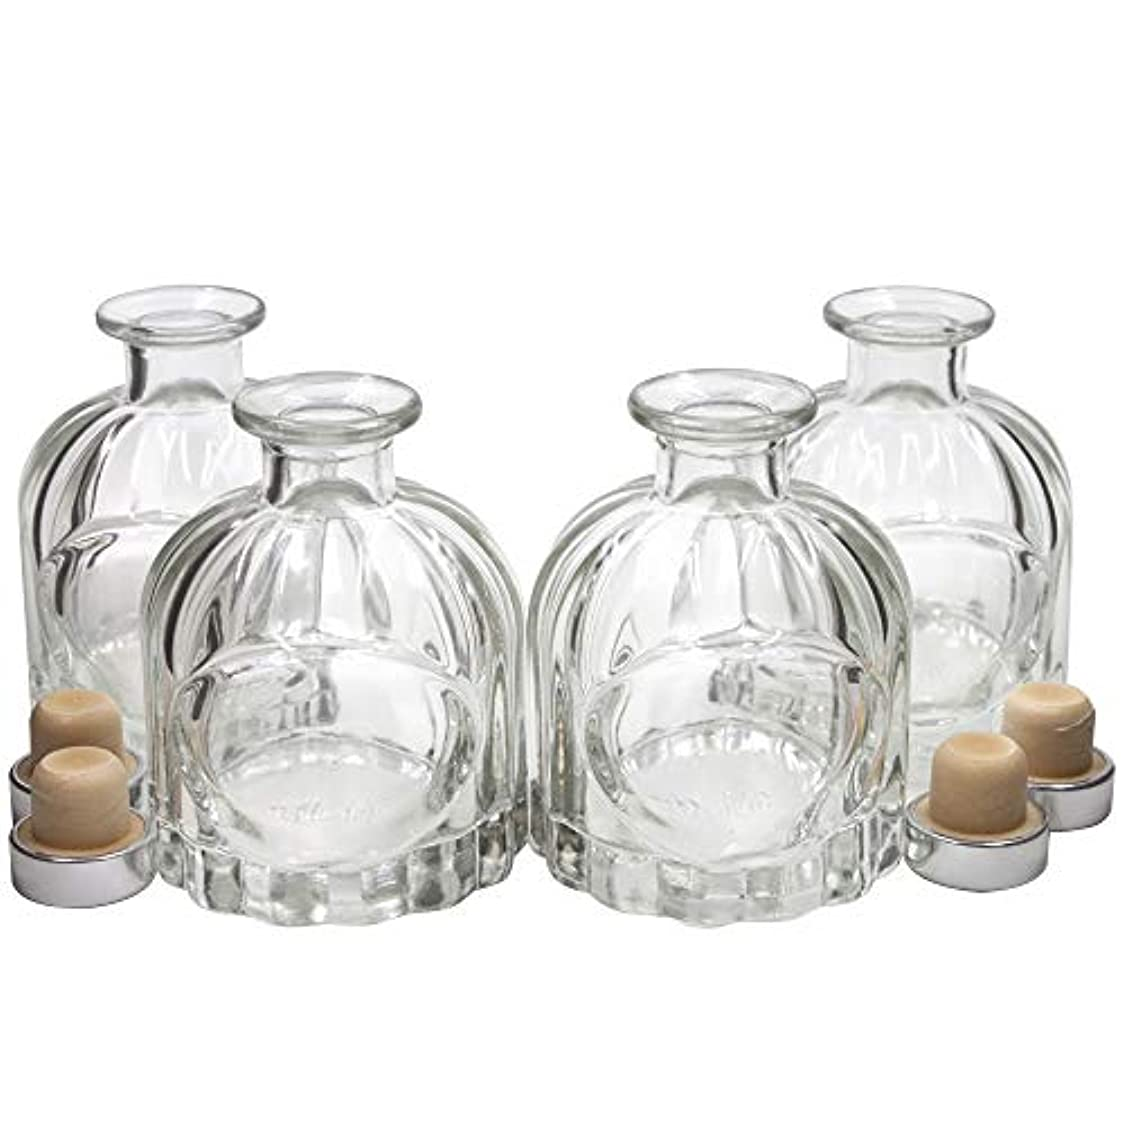 排除する論理的神Frandy House リードディフューザー用 ガラスボトル 瓶 100ML カポチャ